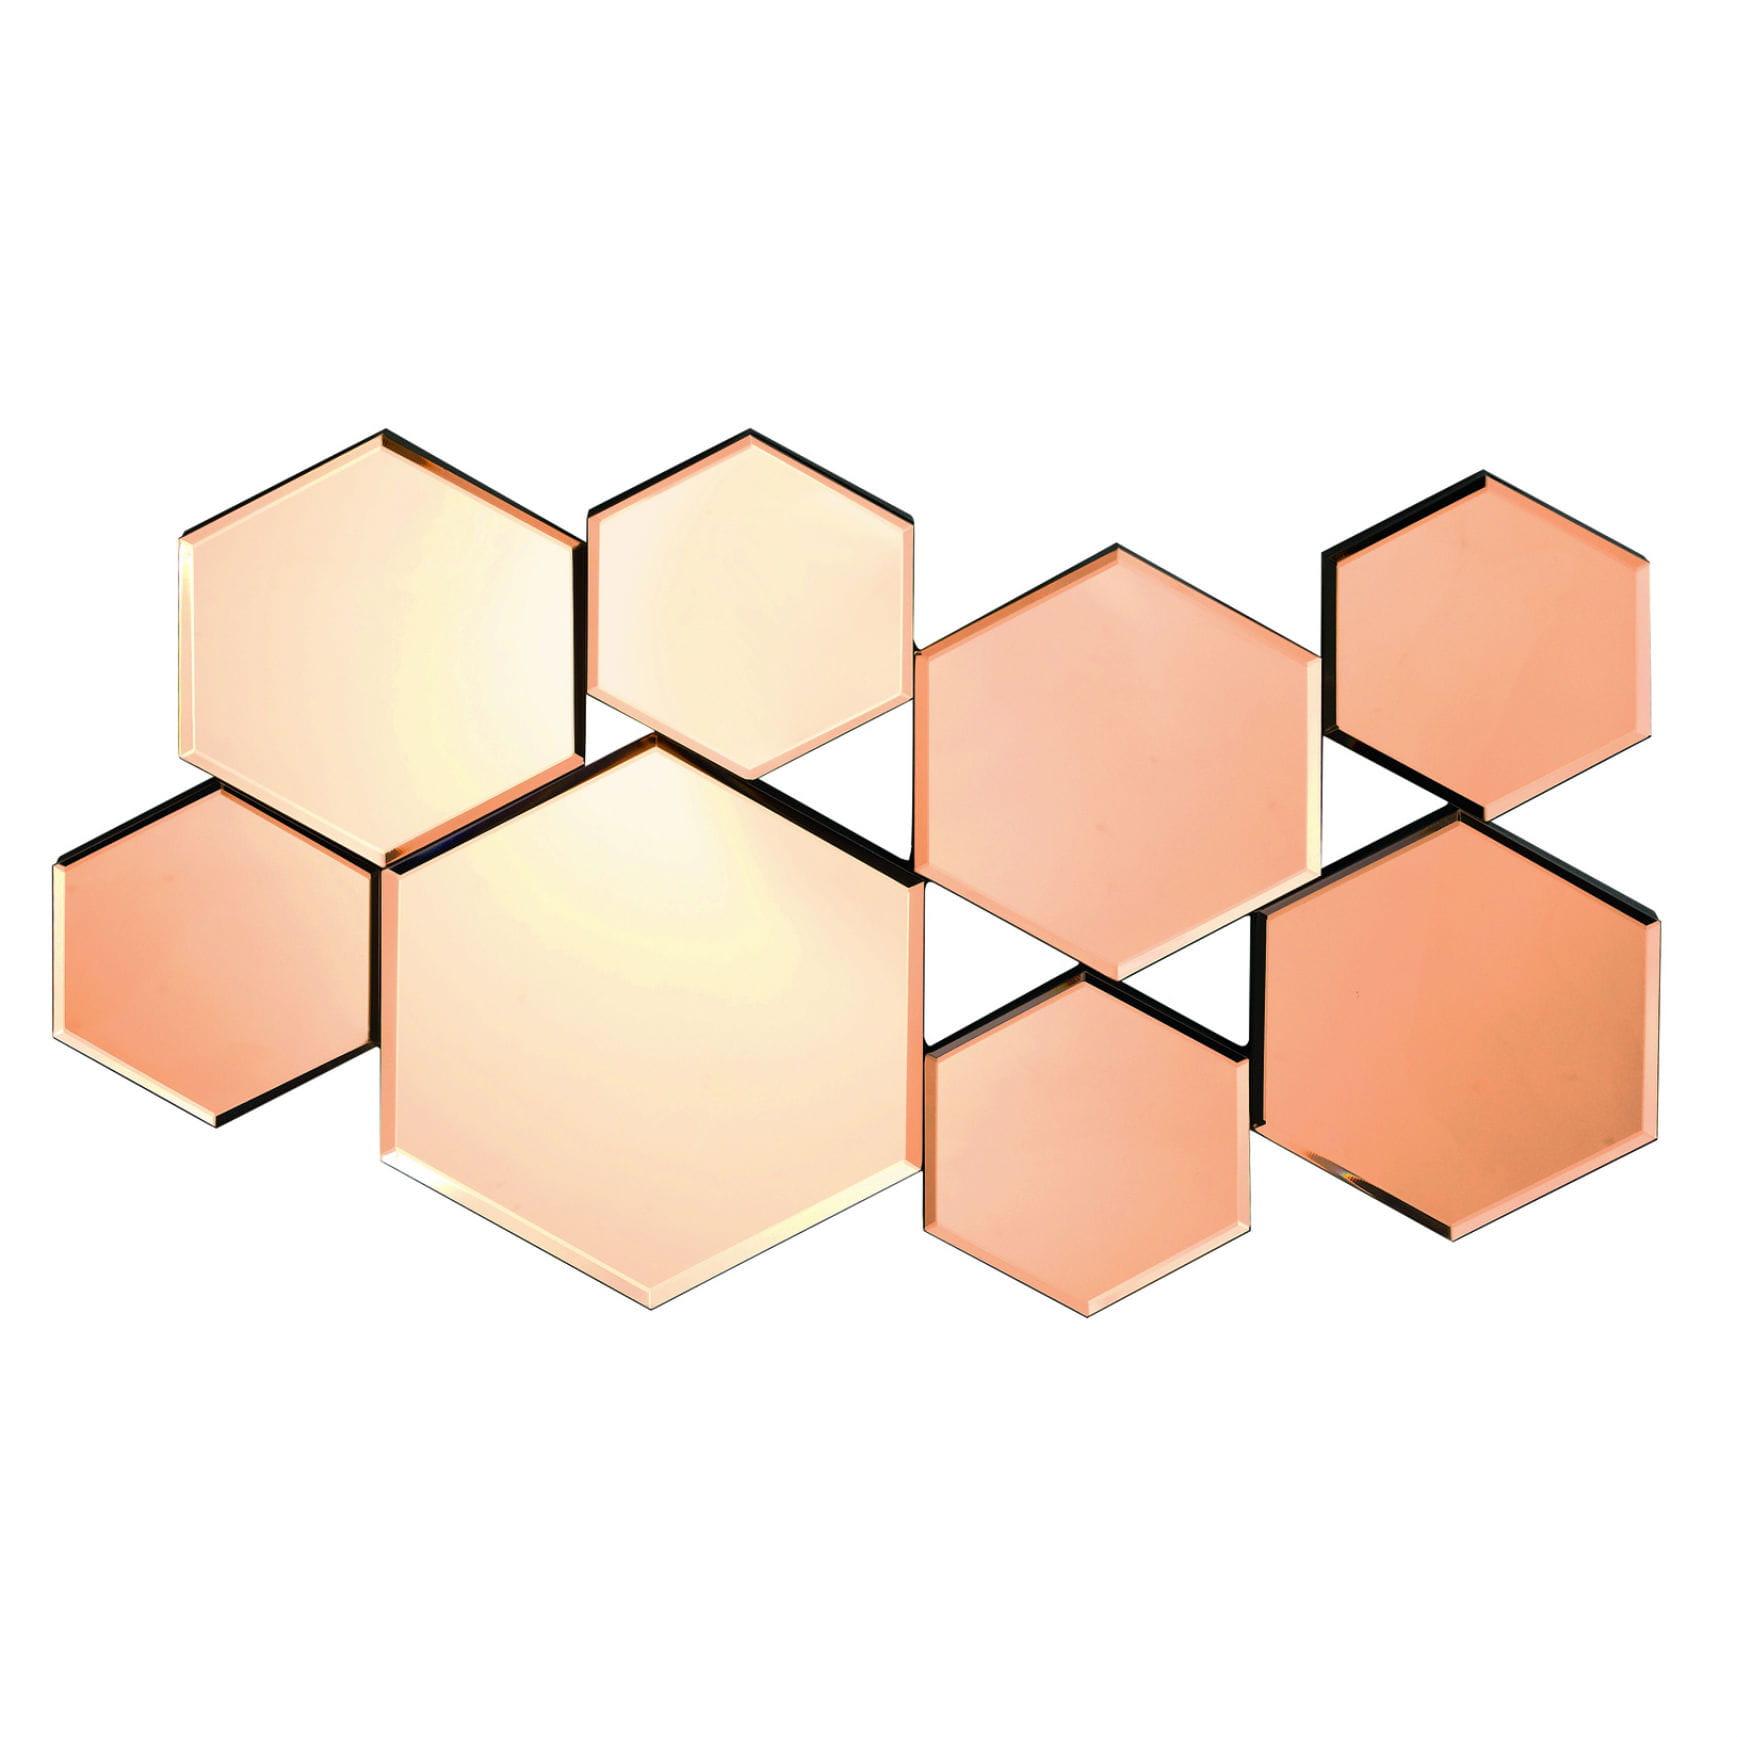 Miroir hexa de conforama for Miroir hexagonal cuivre